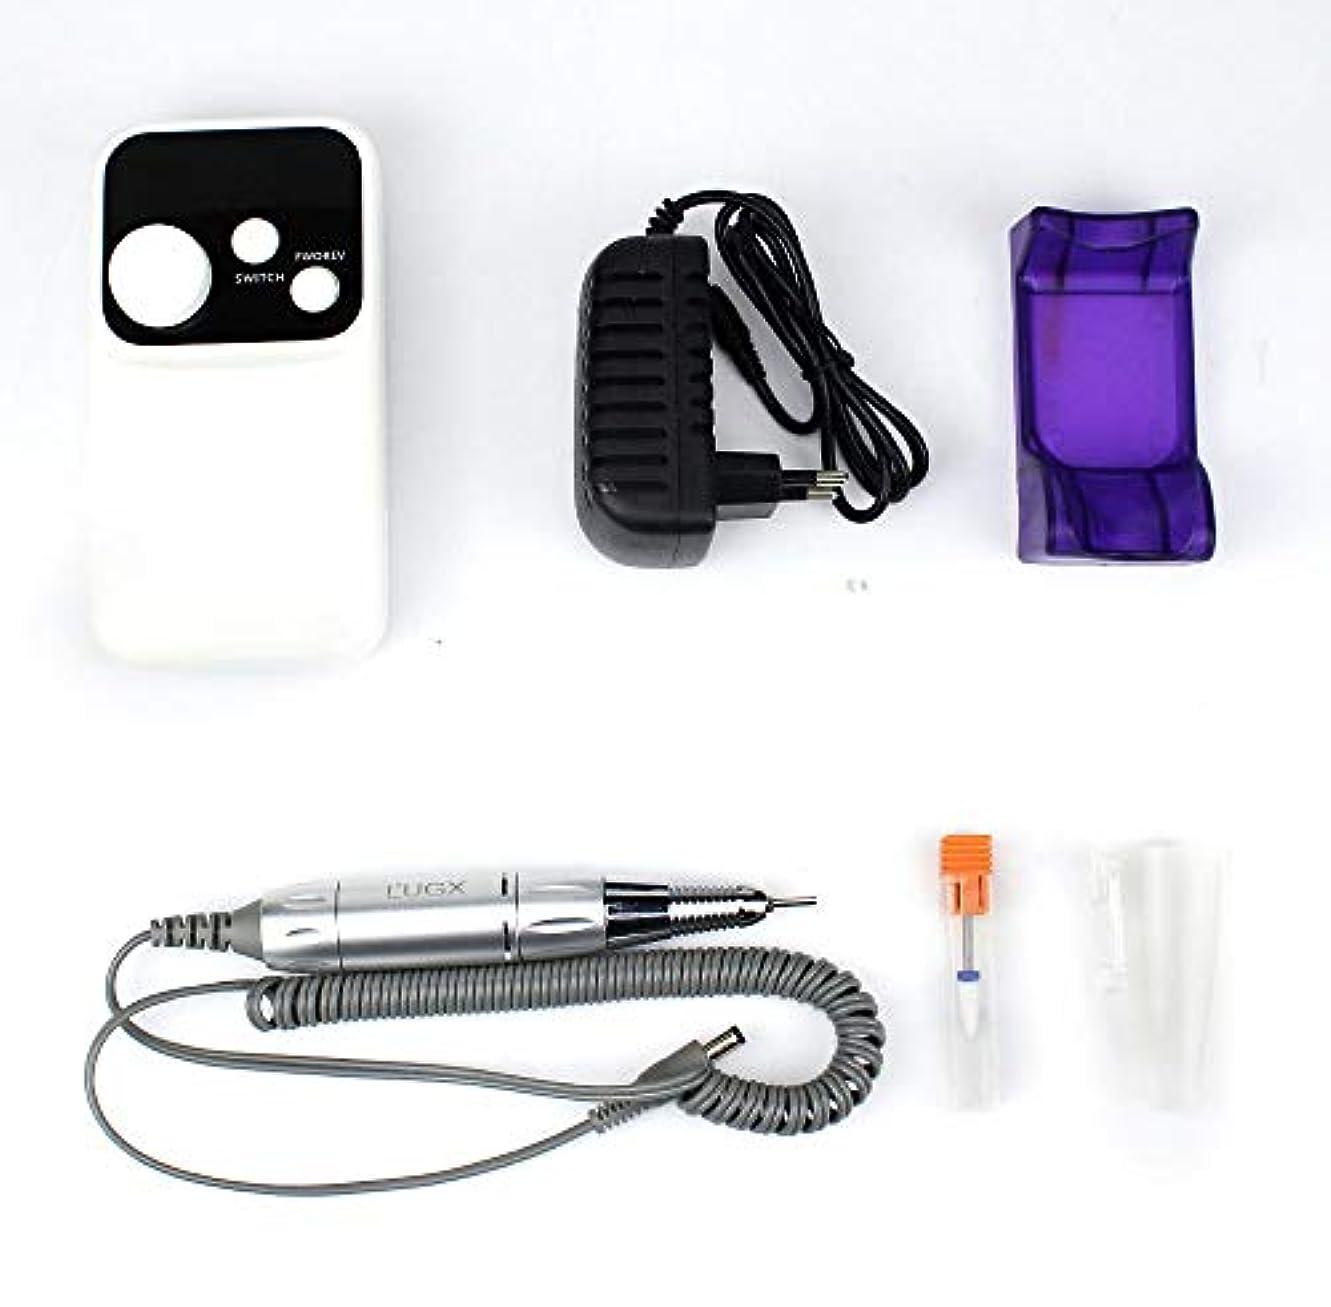 急性保安なんとなくネイルズのためにツールセットネイルアート用品の装飾を研磨携帯用電気マニキュアドリル充電ネイルドリルマシン、18W 35000RPM